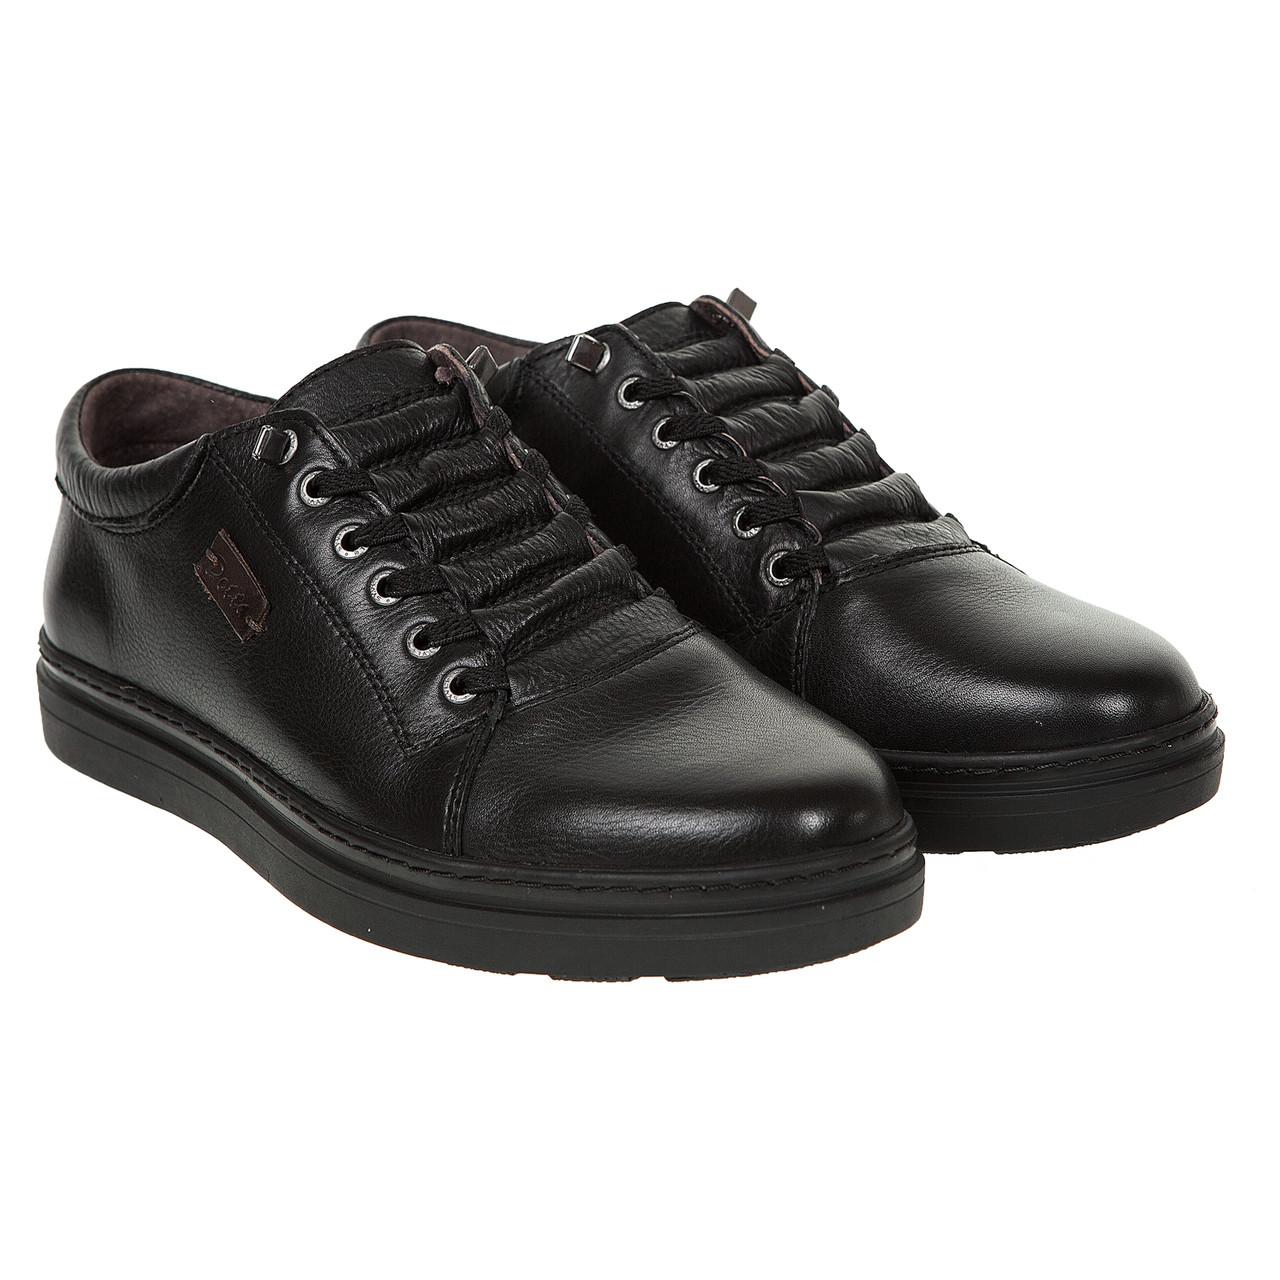 Туфлі чоловічі шкіряні з прихованими шнурівками Detta 43